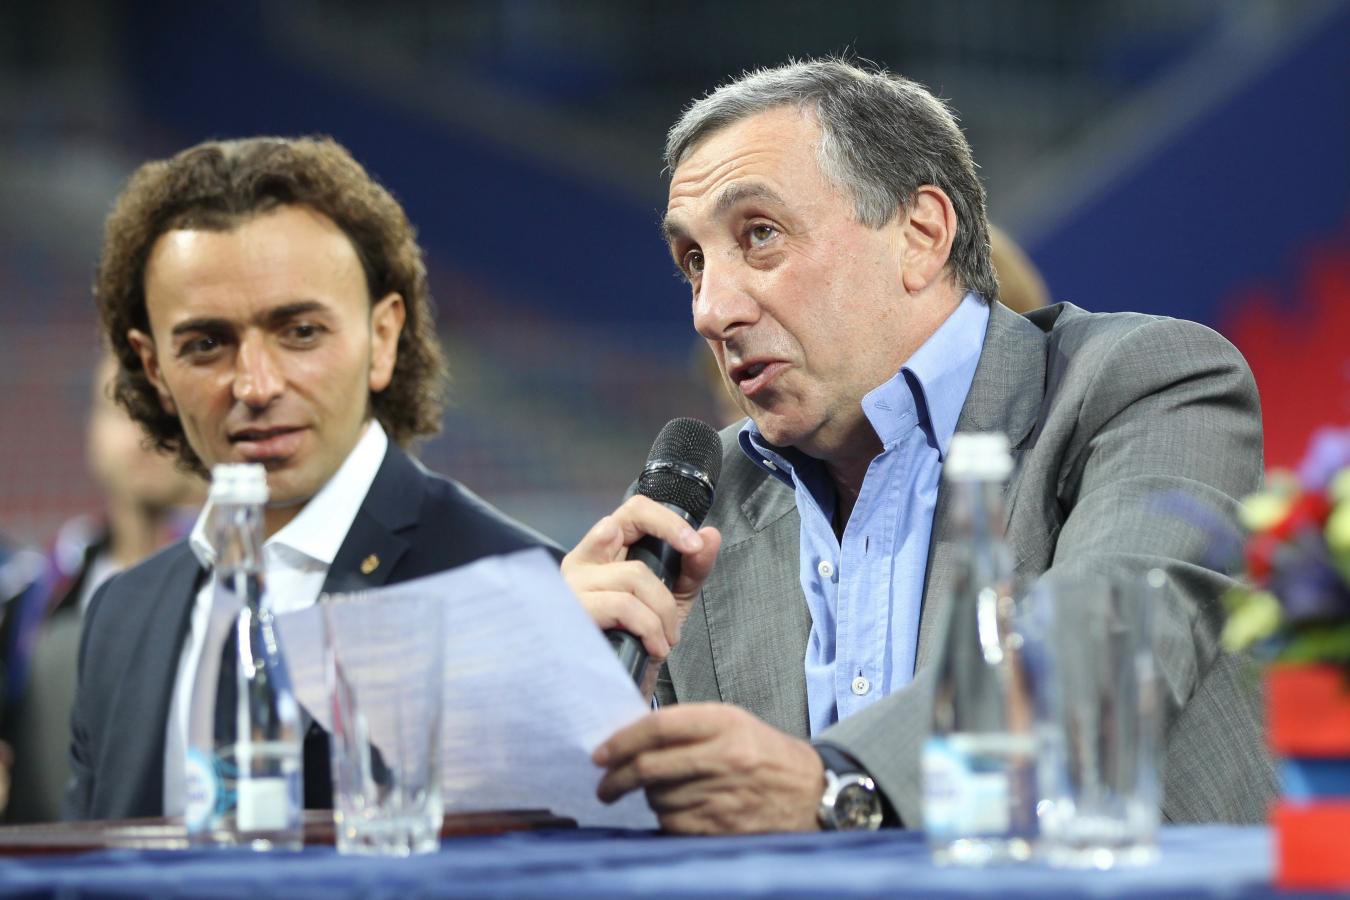 ЦСКА может расторгнуть контракт с Бабаевым, если клуб не попадёт в еврокубки